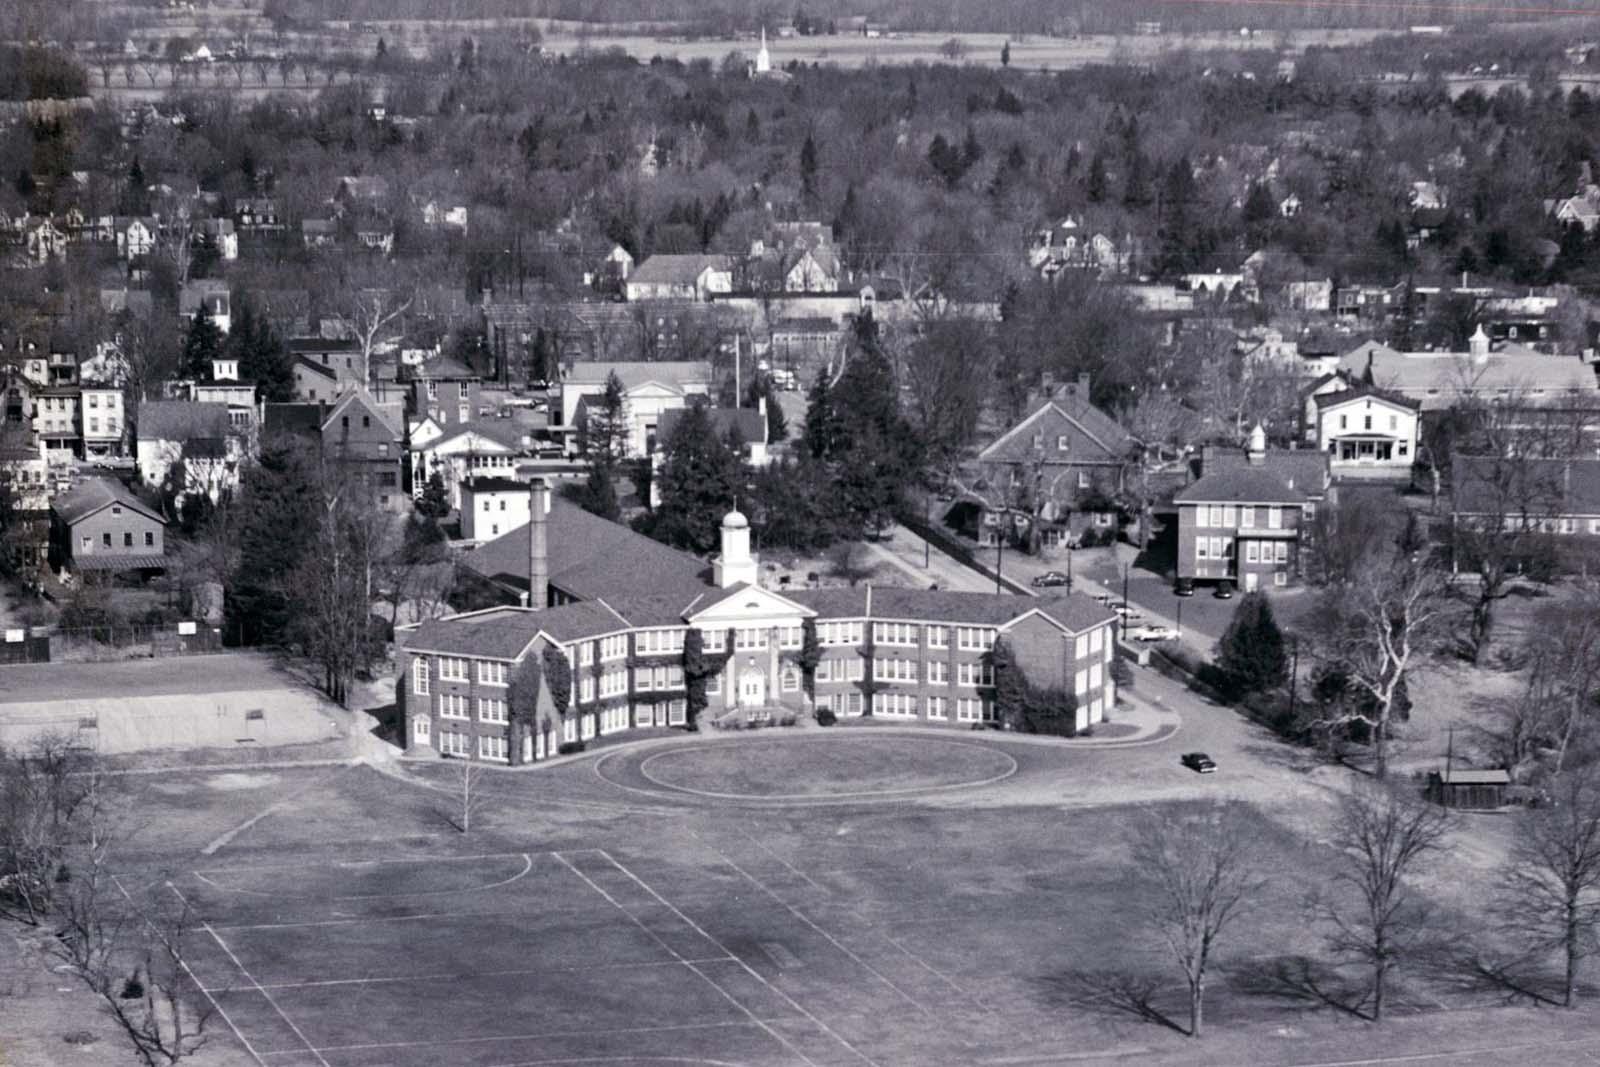 Overhead campus